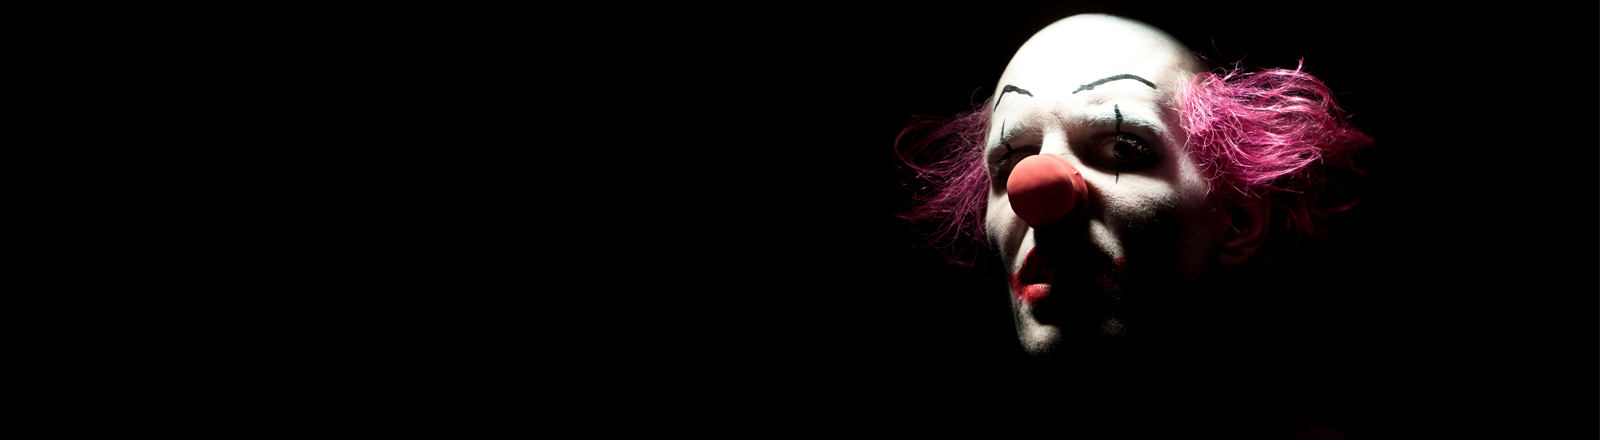 Ein böser Clown.